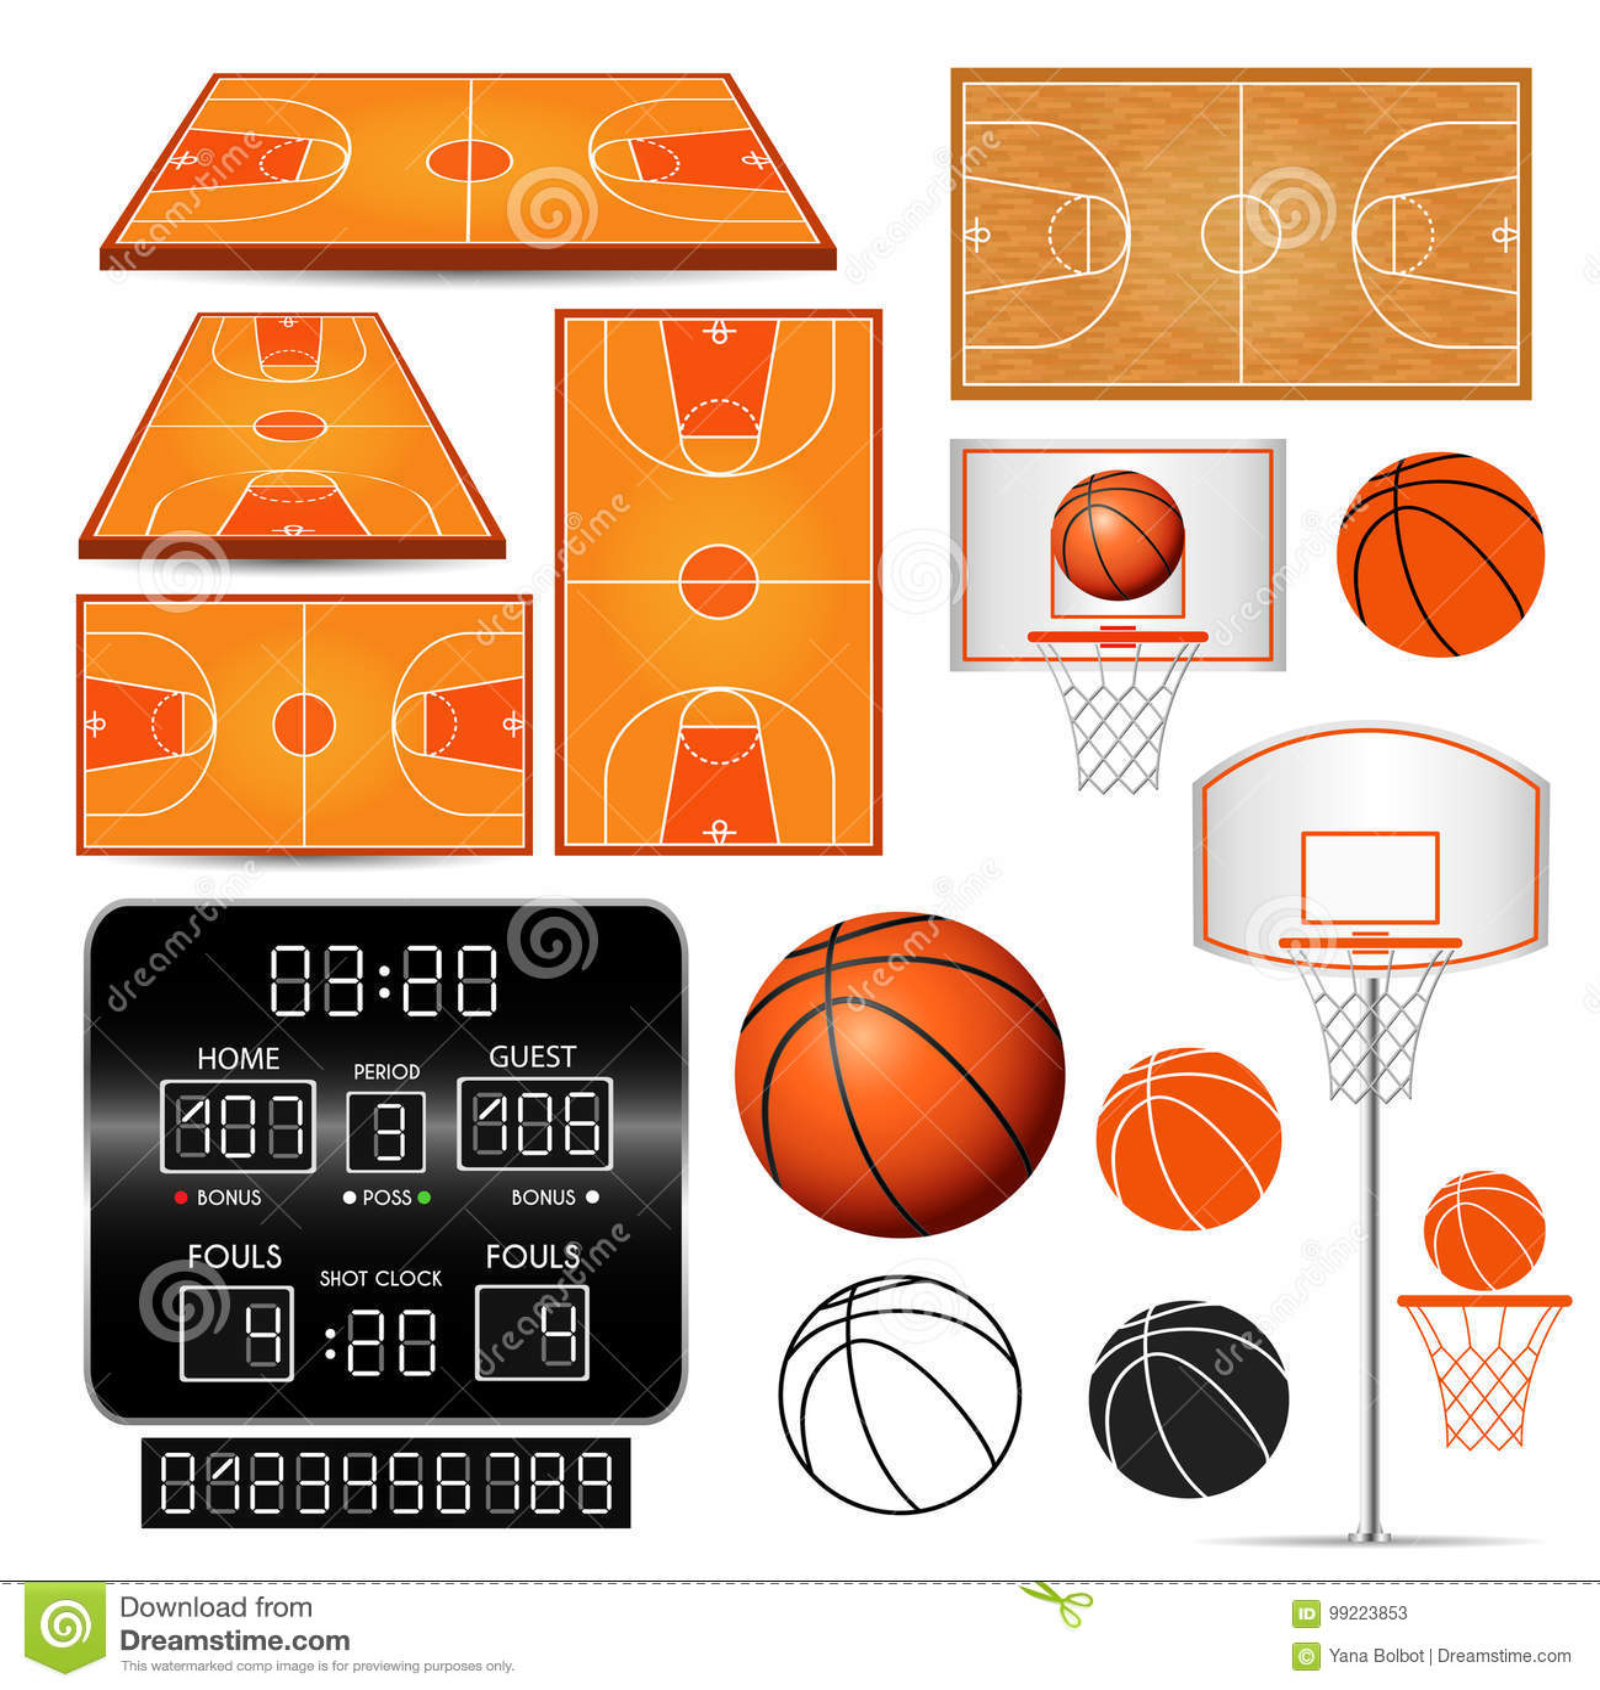 Καλάθι καλαθοσφαίρισης, στεφάνη, σφαίρα, πίνακας βαθμολογίας με τους αριθμούς, τομείς στο άσπρο υπόβαθρο